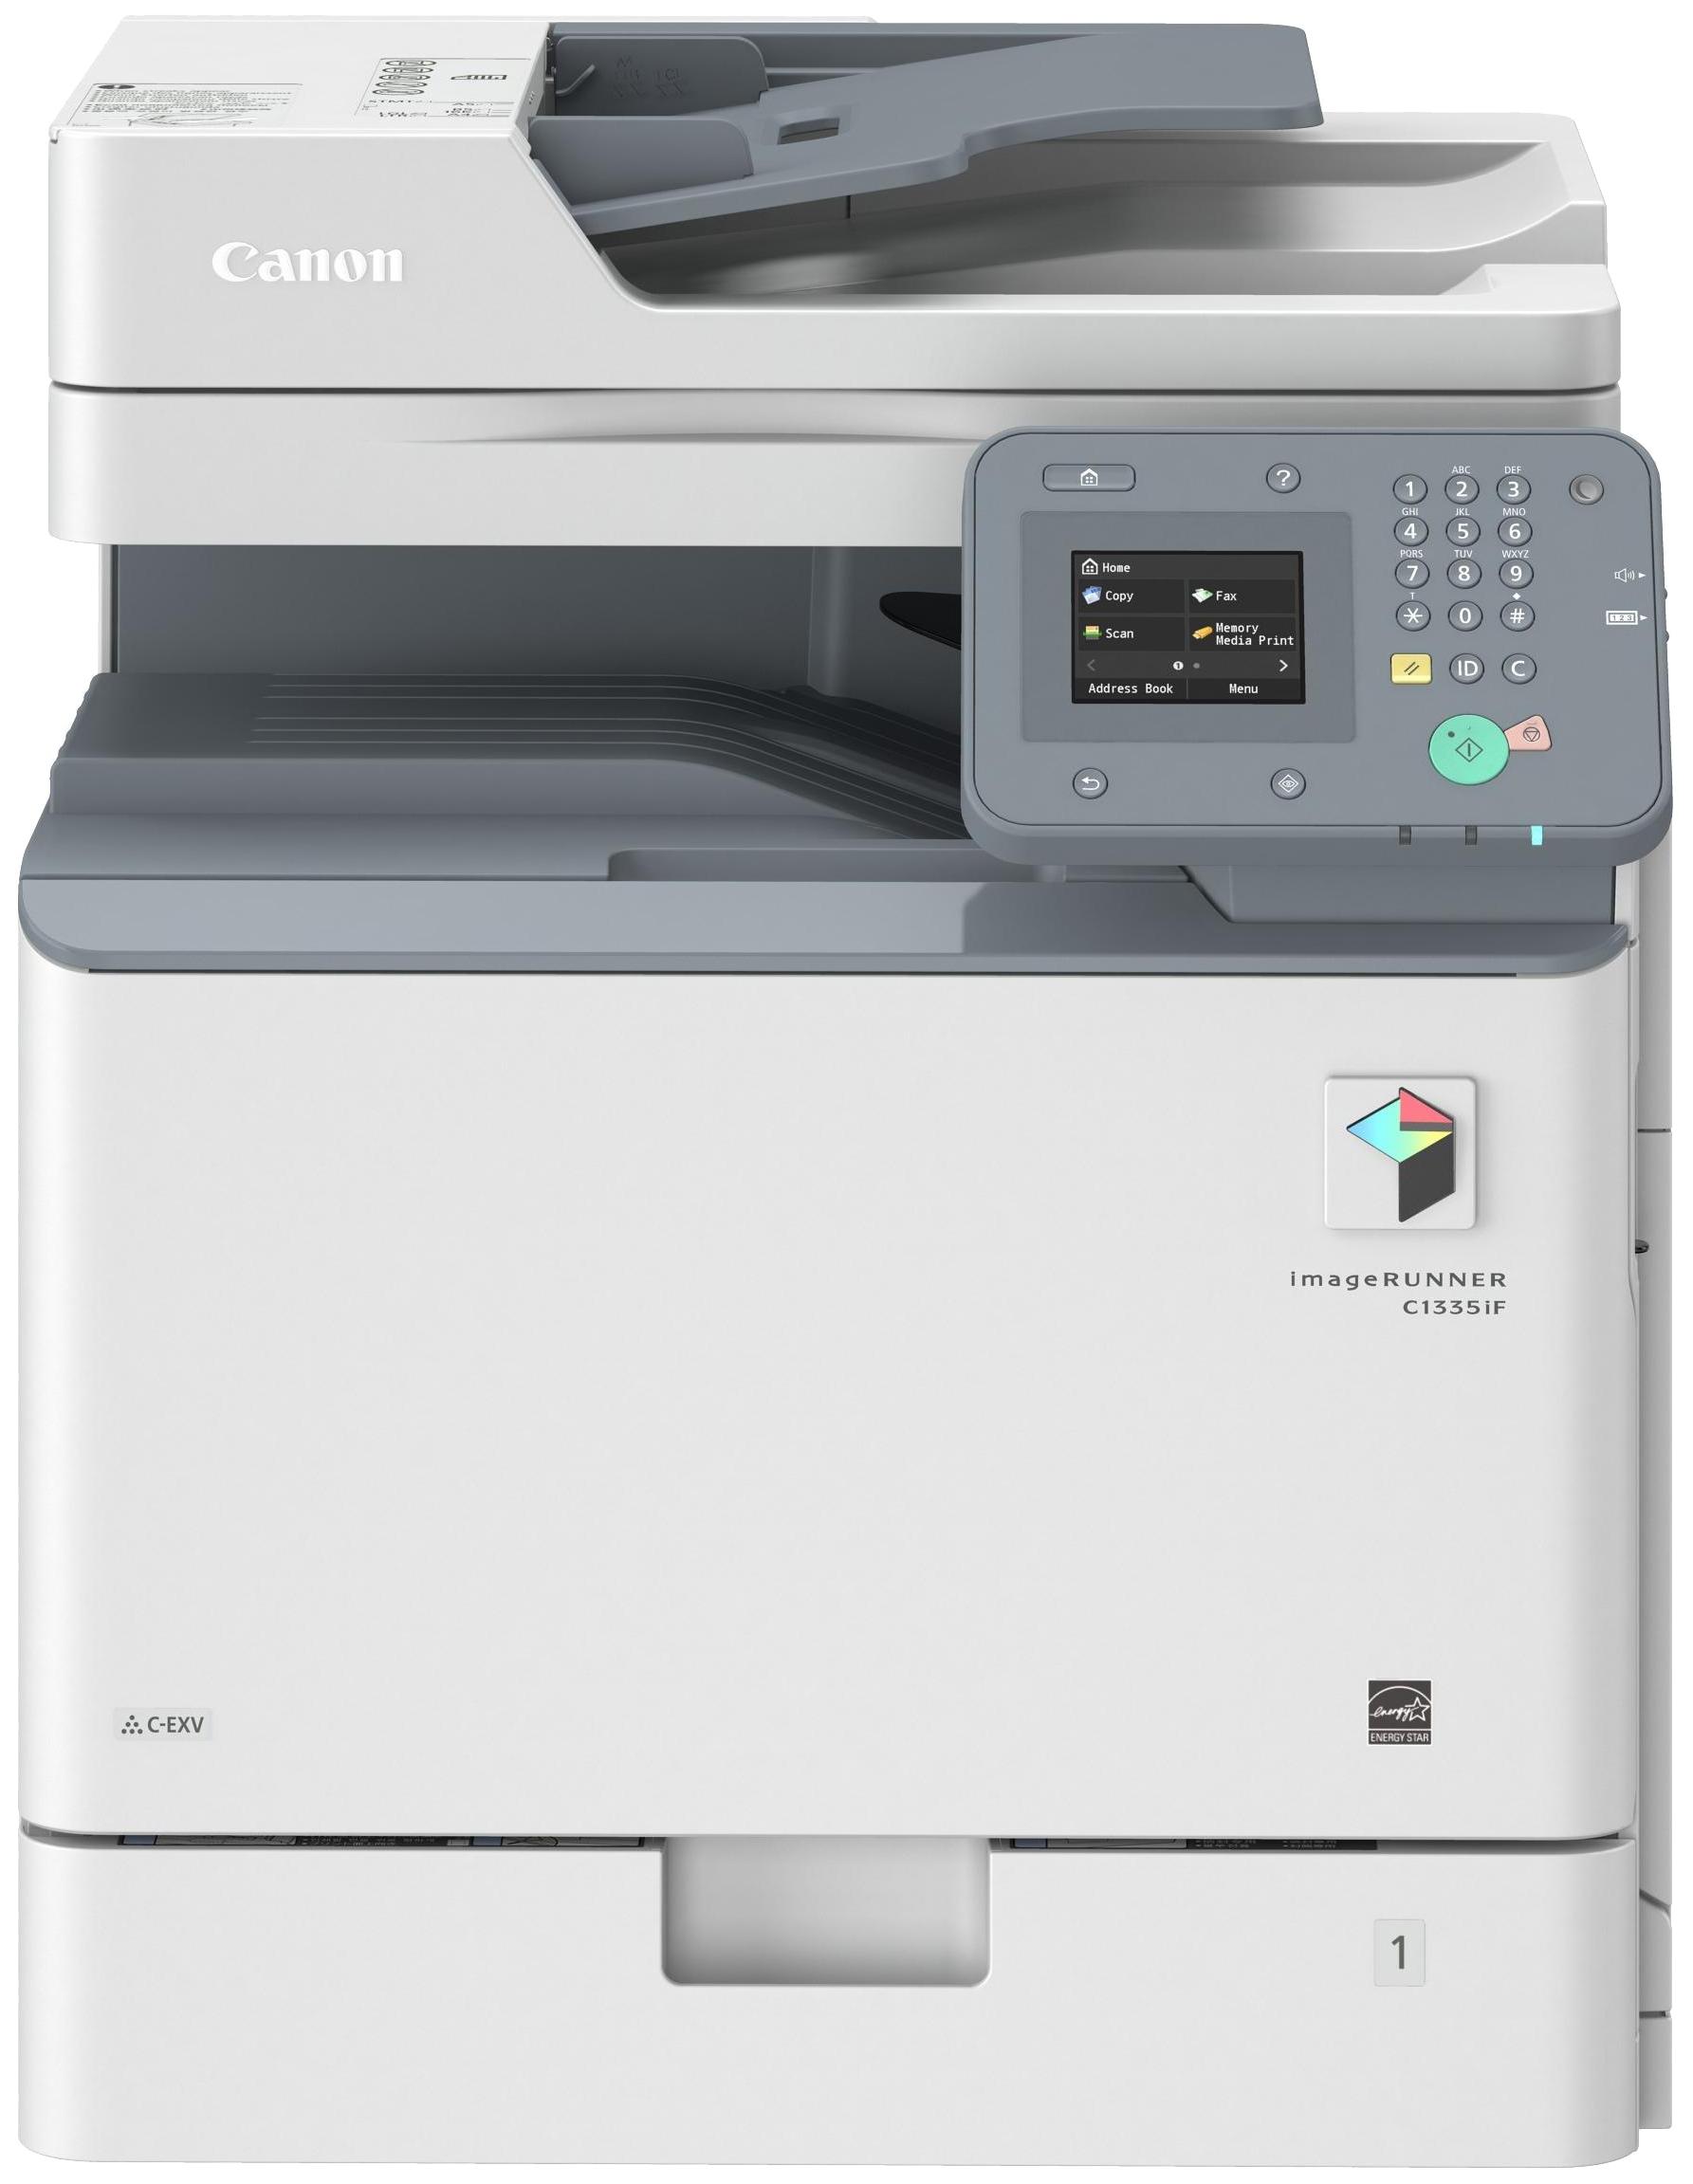 Лазерное МФУ (цветное) Canon imageRUNNER C1225